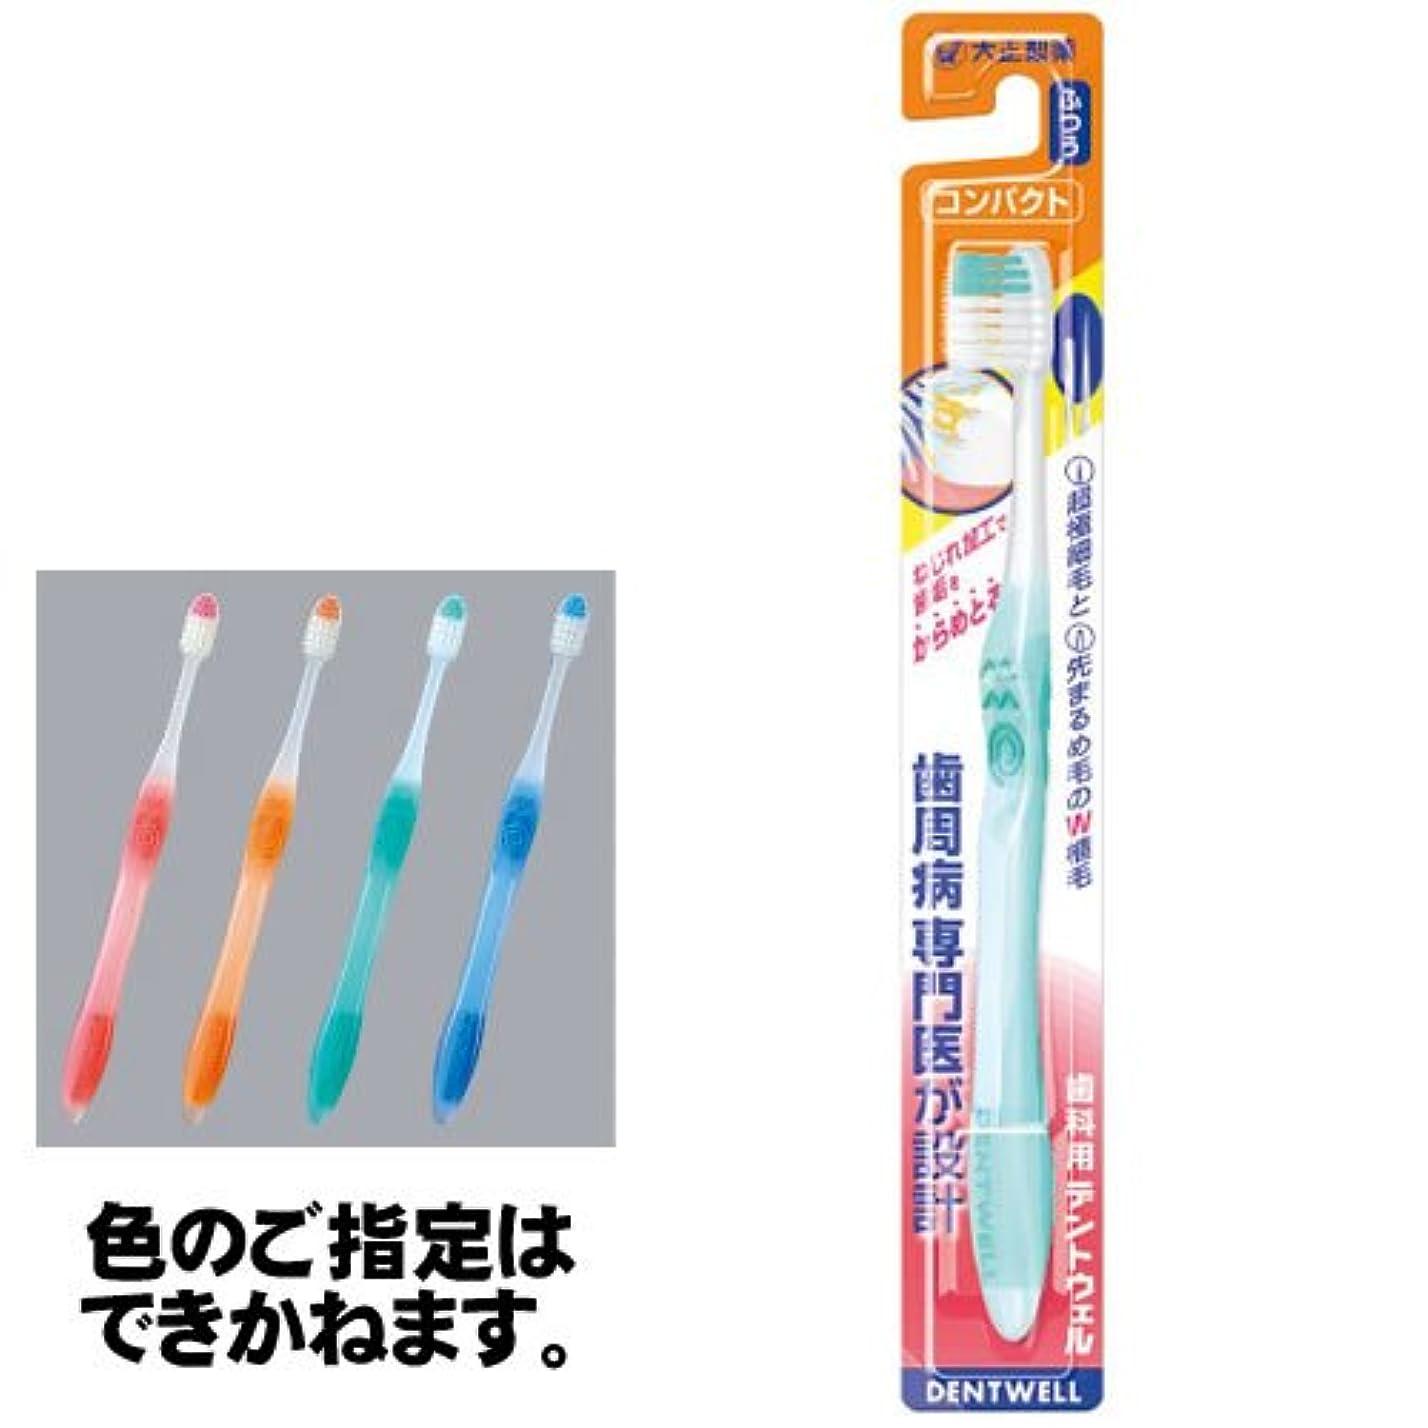 部族チャペル記憶〔大正製薬〕歯科用デントウェル歯ブラシ コンパクト ふつう×12本セット